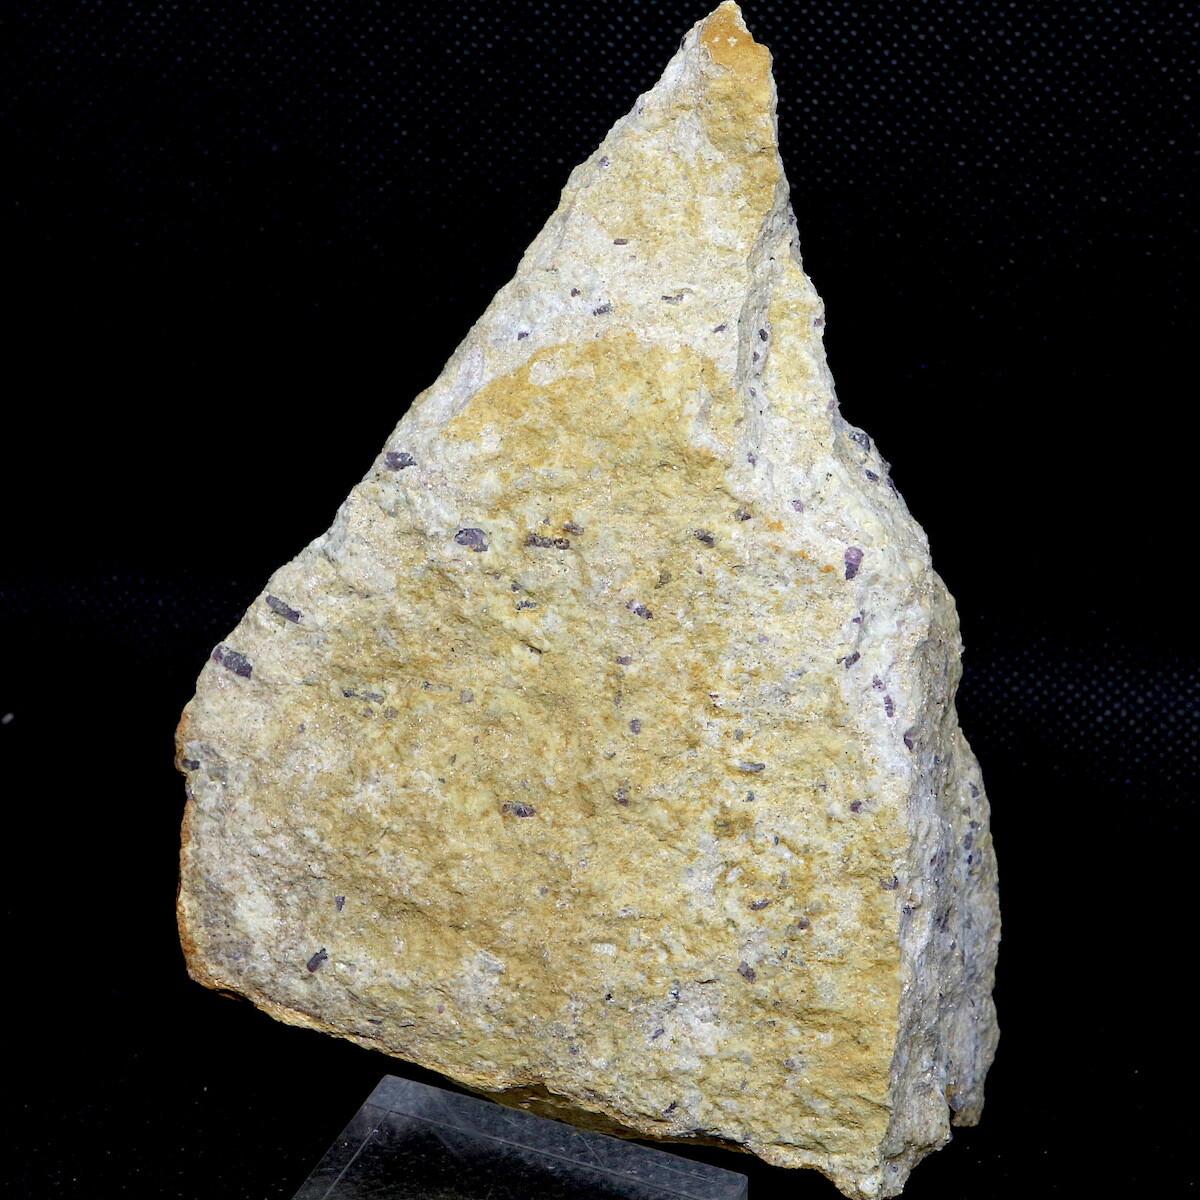 カリフォルア産 コランダム ルビー サファイア 原石  431g CRD035 鉱物 天然石